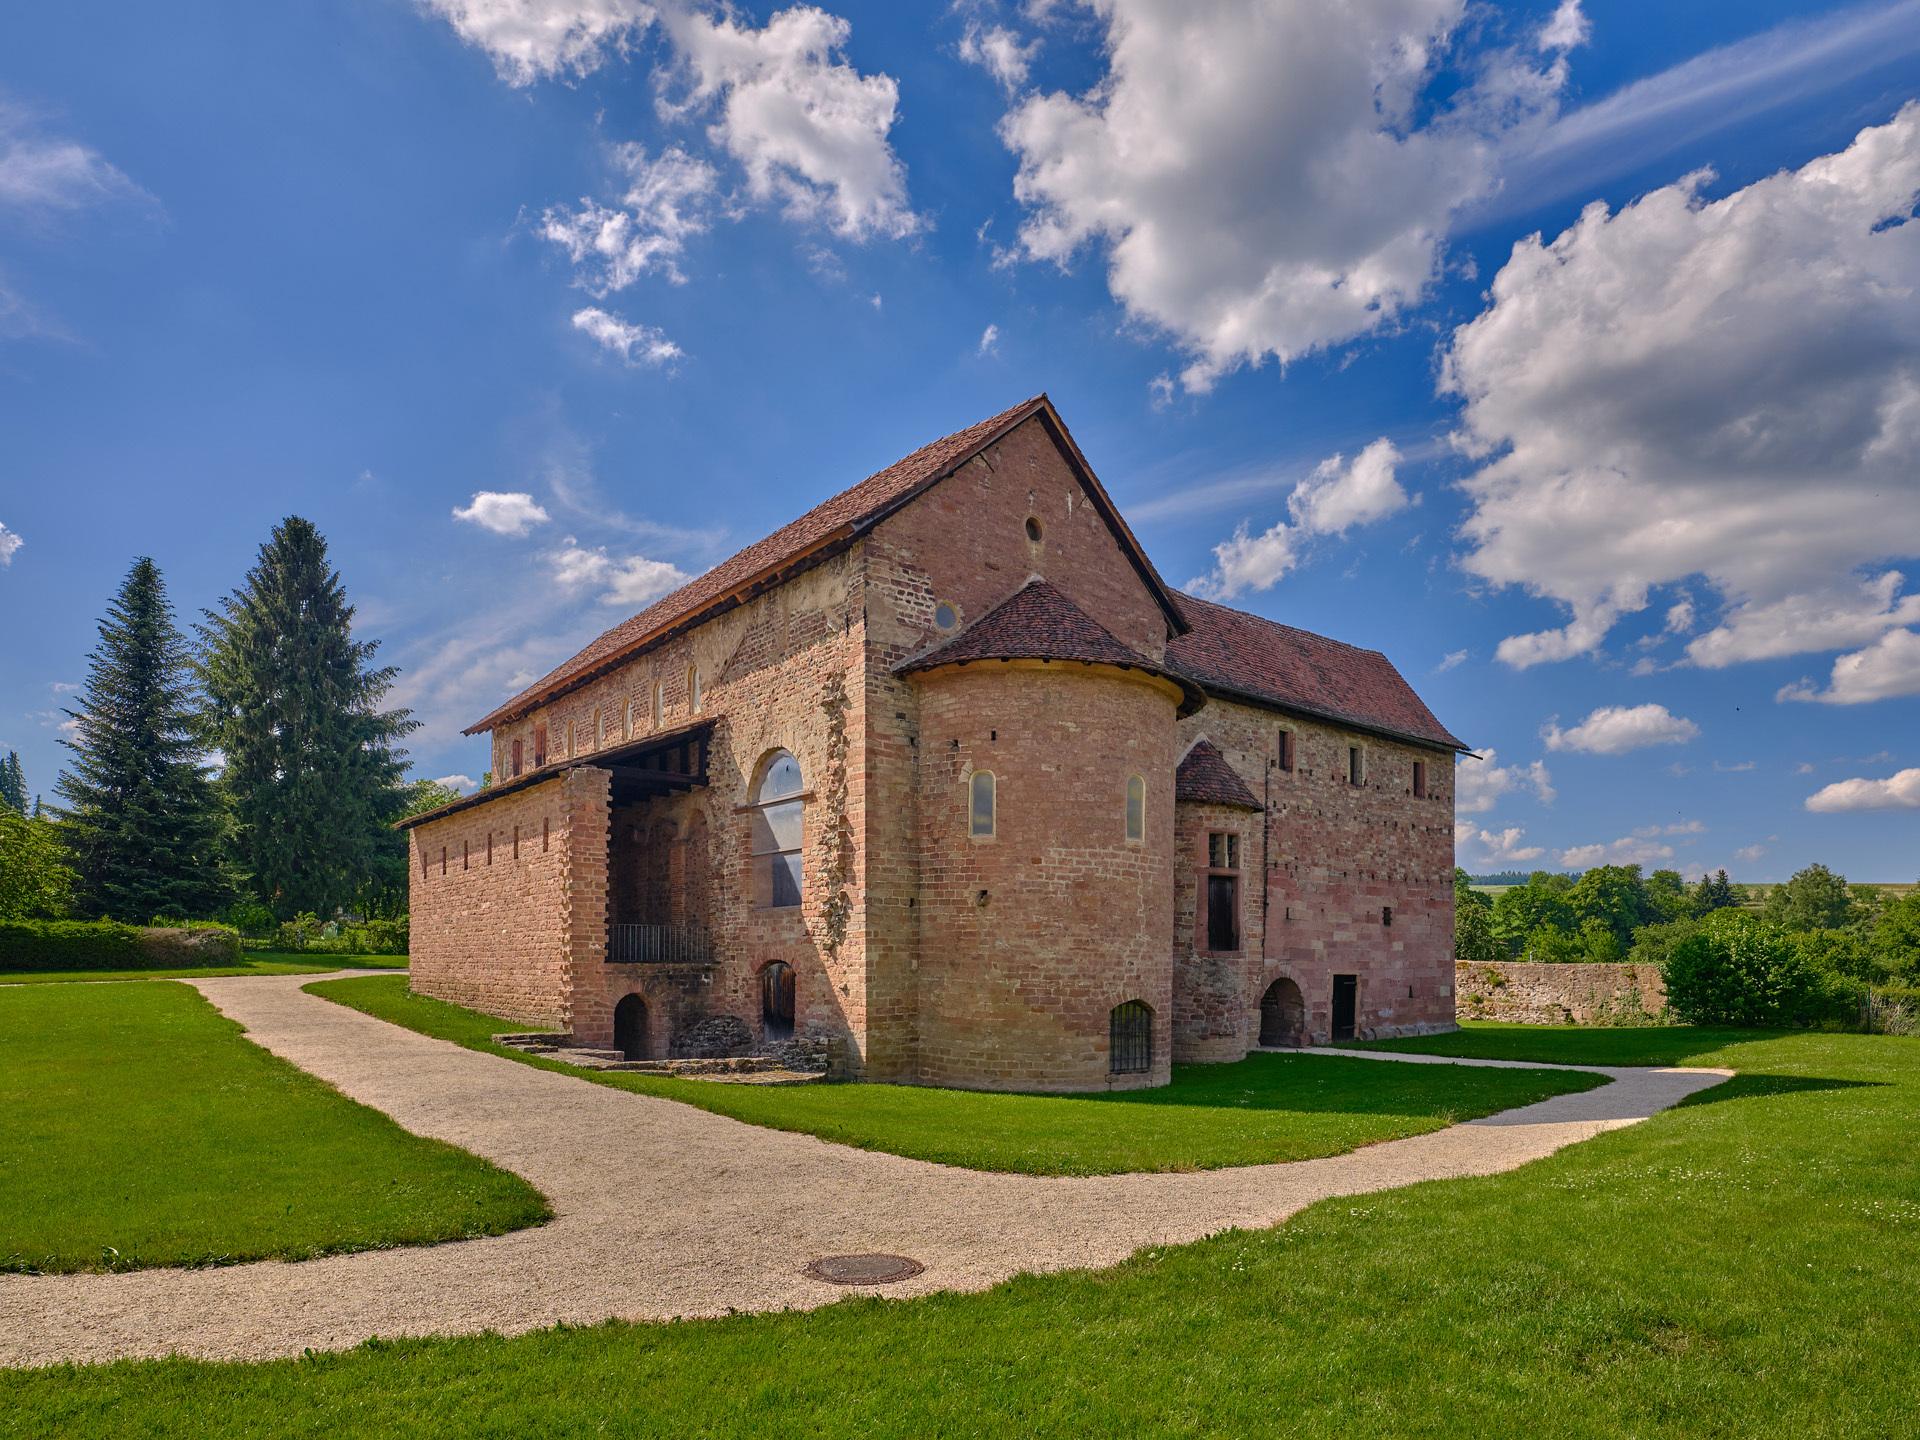 Einhardsbasilika Michelstadt-Steinbach